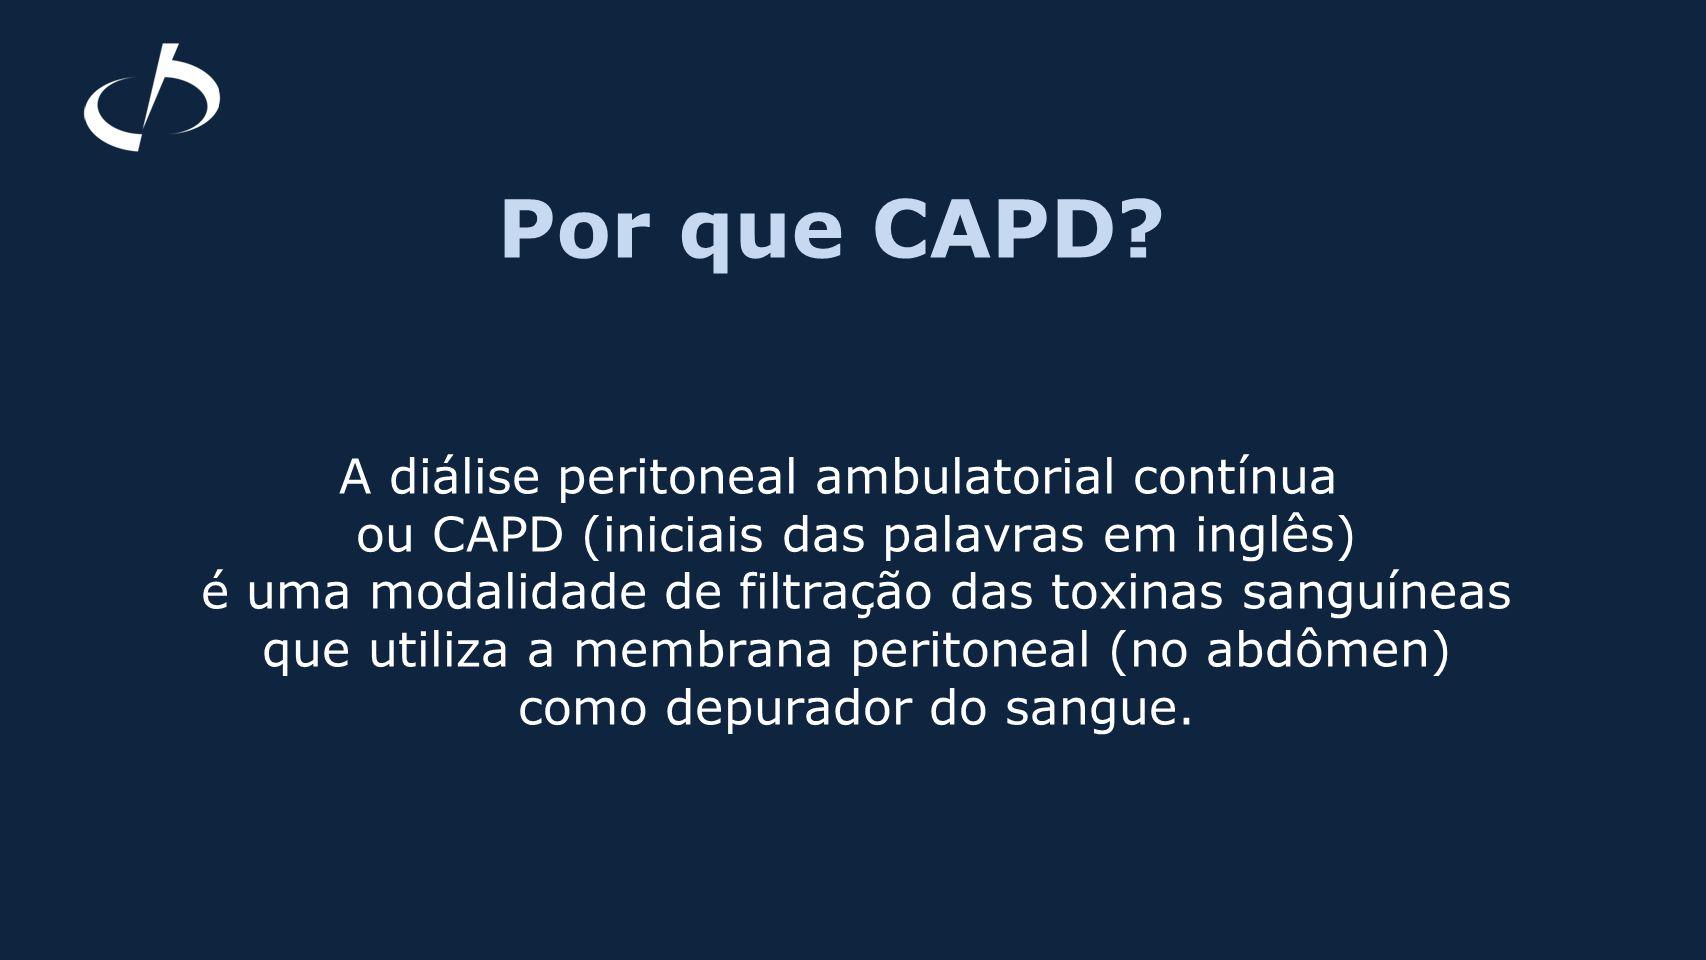 Por que CAPD? A diálise peritoneal ambulatorial contínua ou CAPD (iniciais das palavras em inglês) é uma modalidade de filtração das toxinas sanguínea